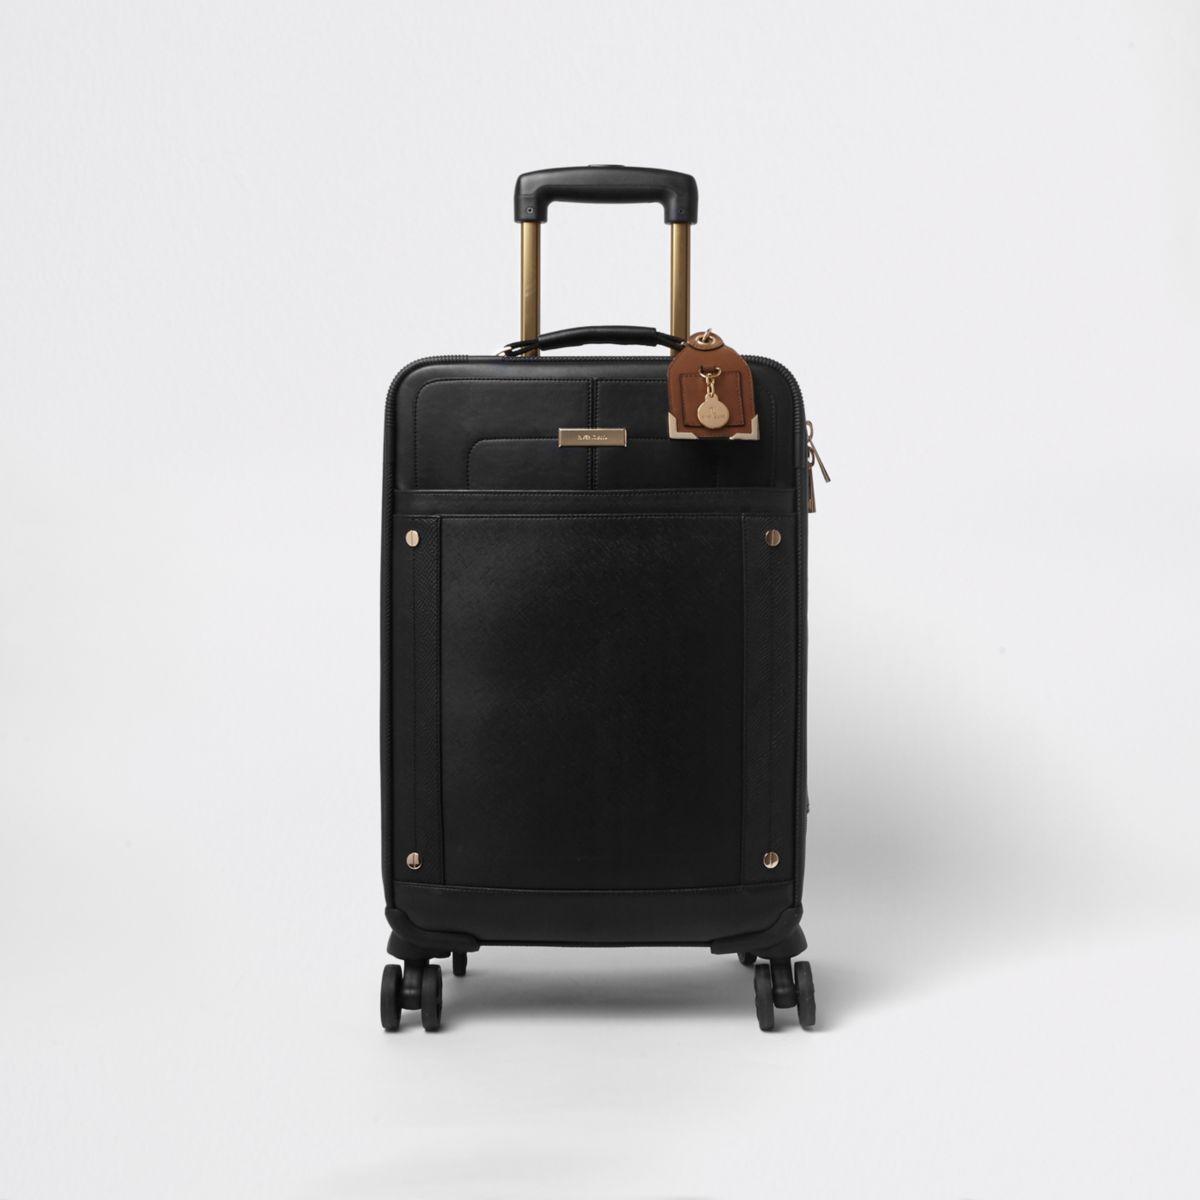 Zwarte koffer met vier wieltjes en voorvak